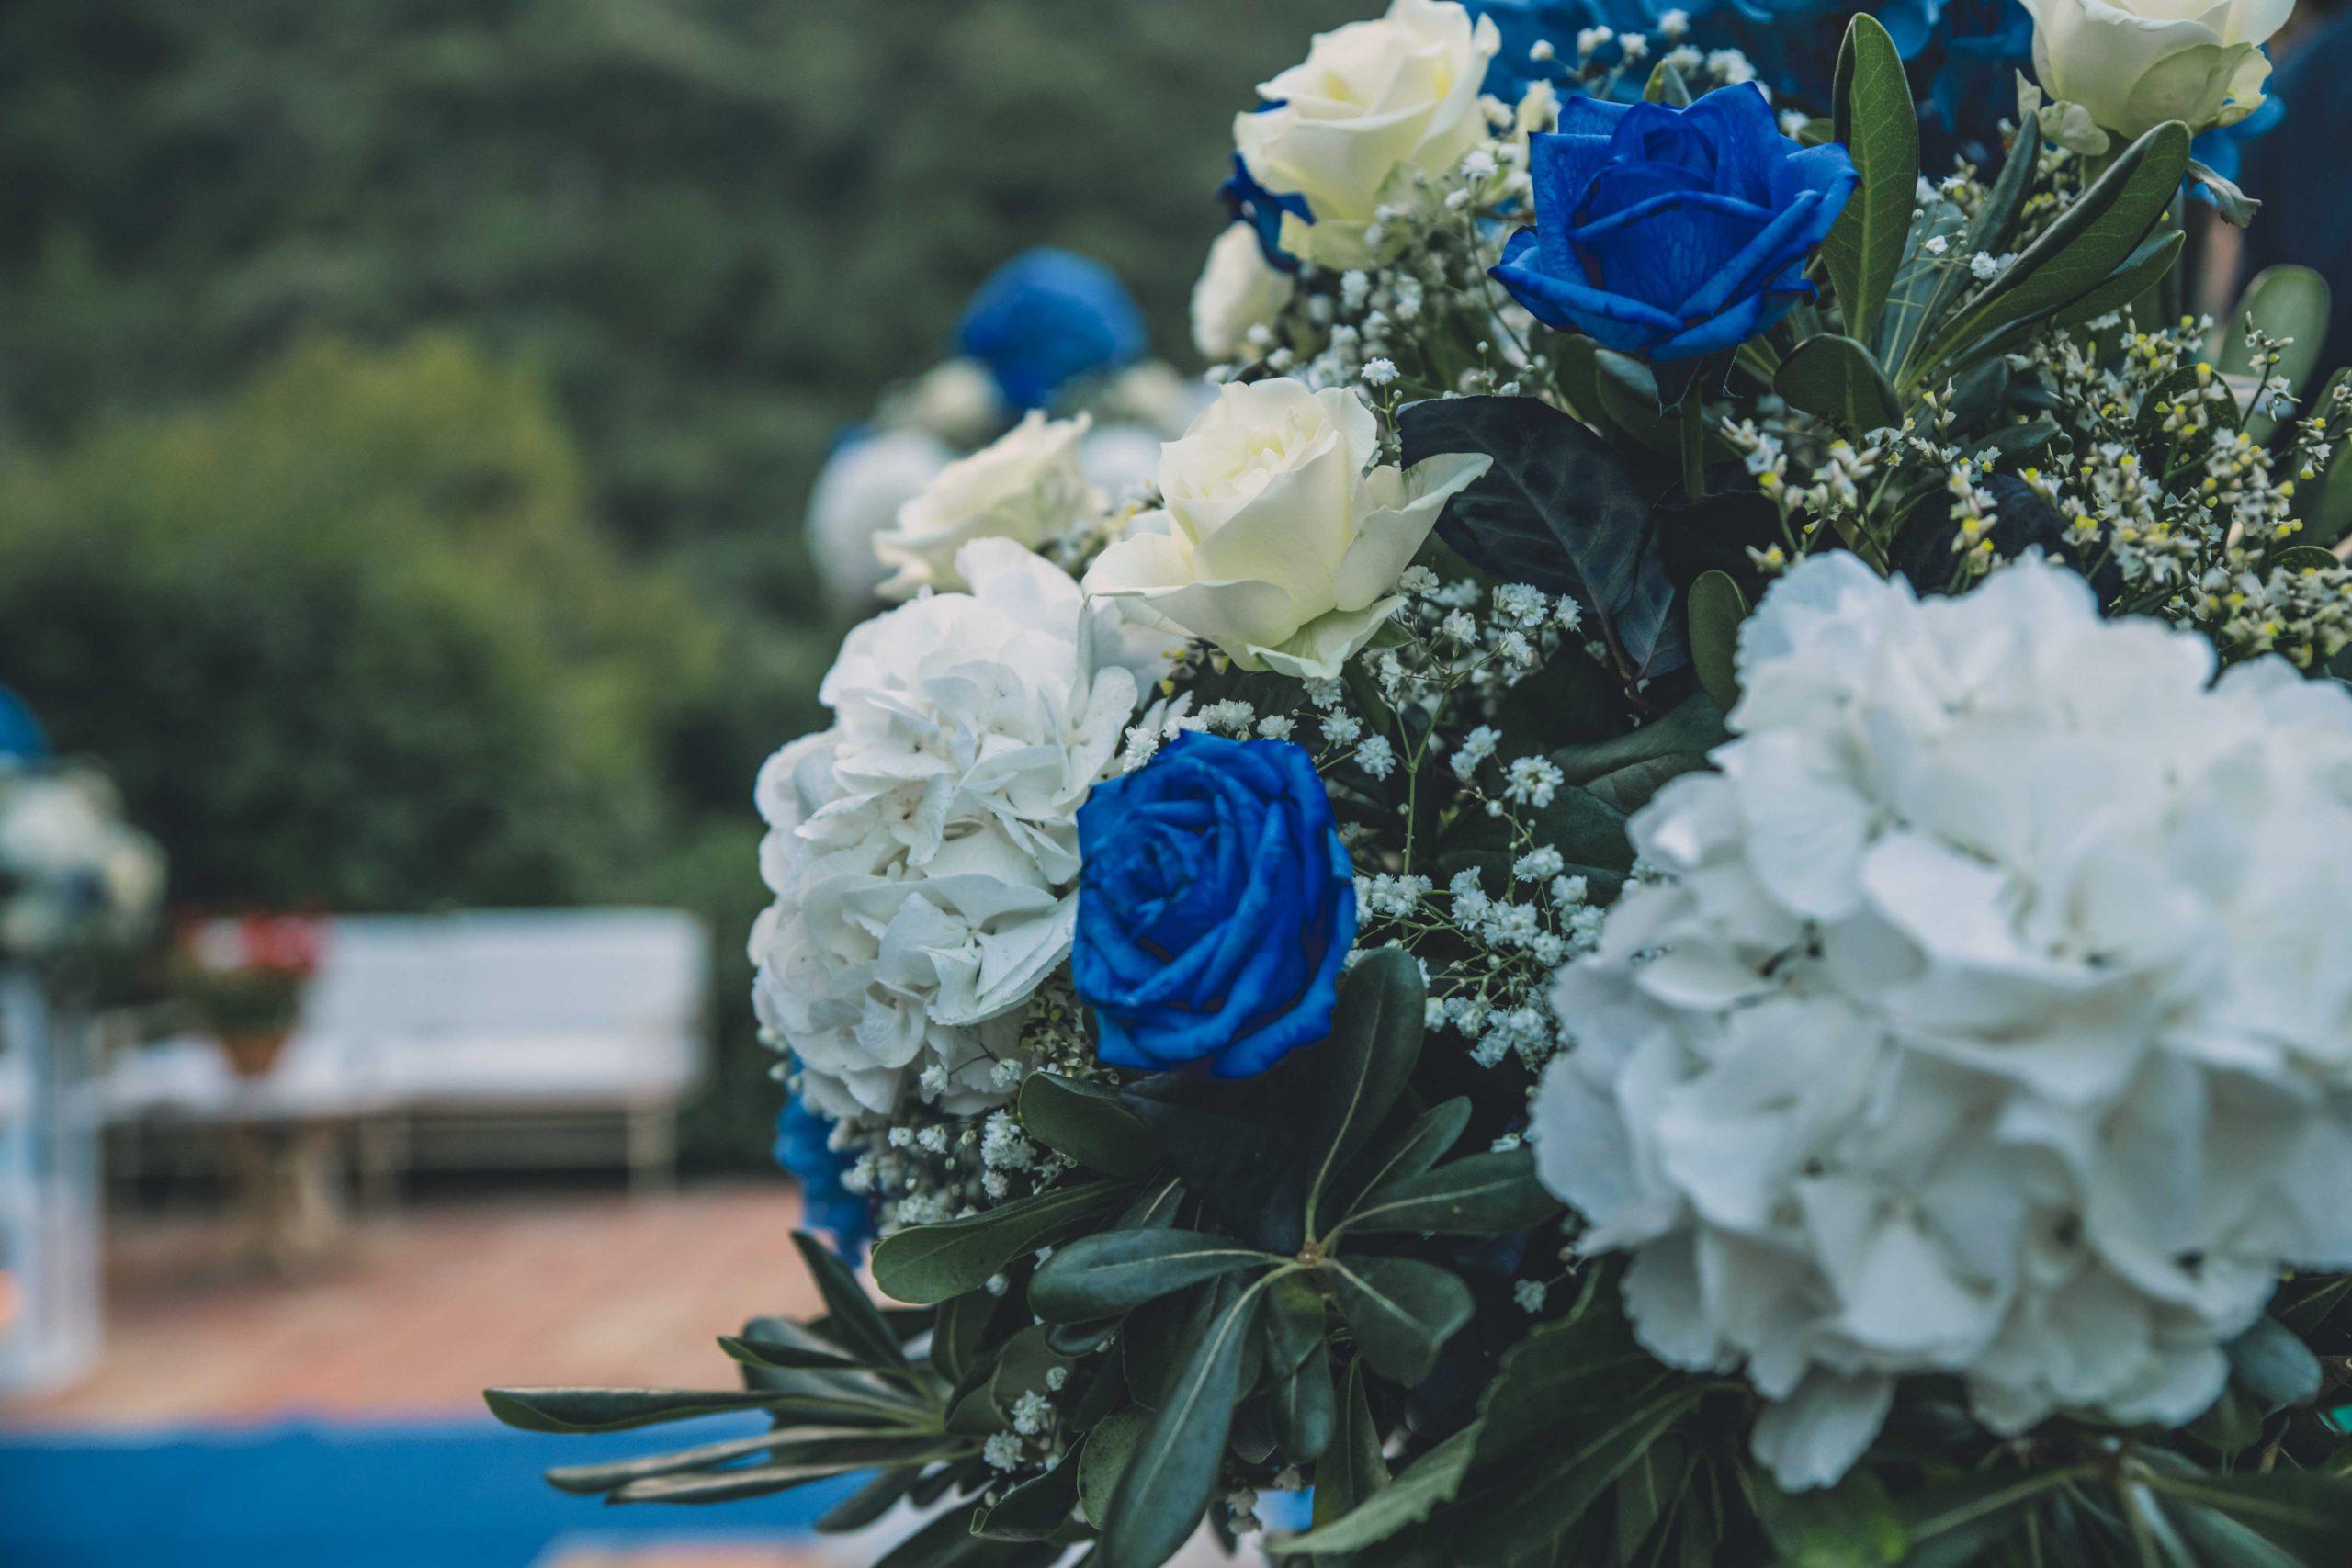 Passo dopo passo si arriva all'altare così fiore dopo fiore sboccia la Primavera. È con questo spirito che desideriamo ripartire e tornare a vivere in vostra compagnia il giorno più emozionante della vita di due innamorati: quello del loro matrimonio. A Villa Musmeci è sempre Primavera.